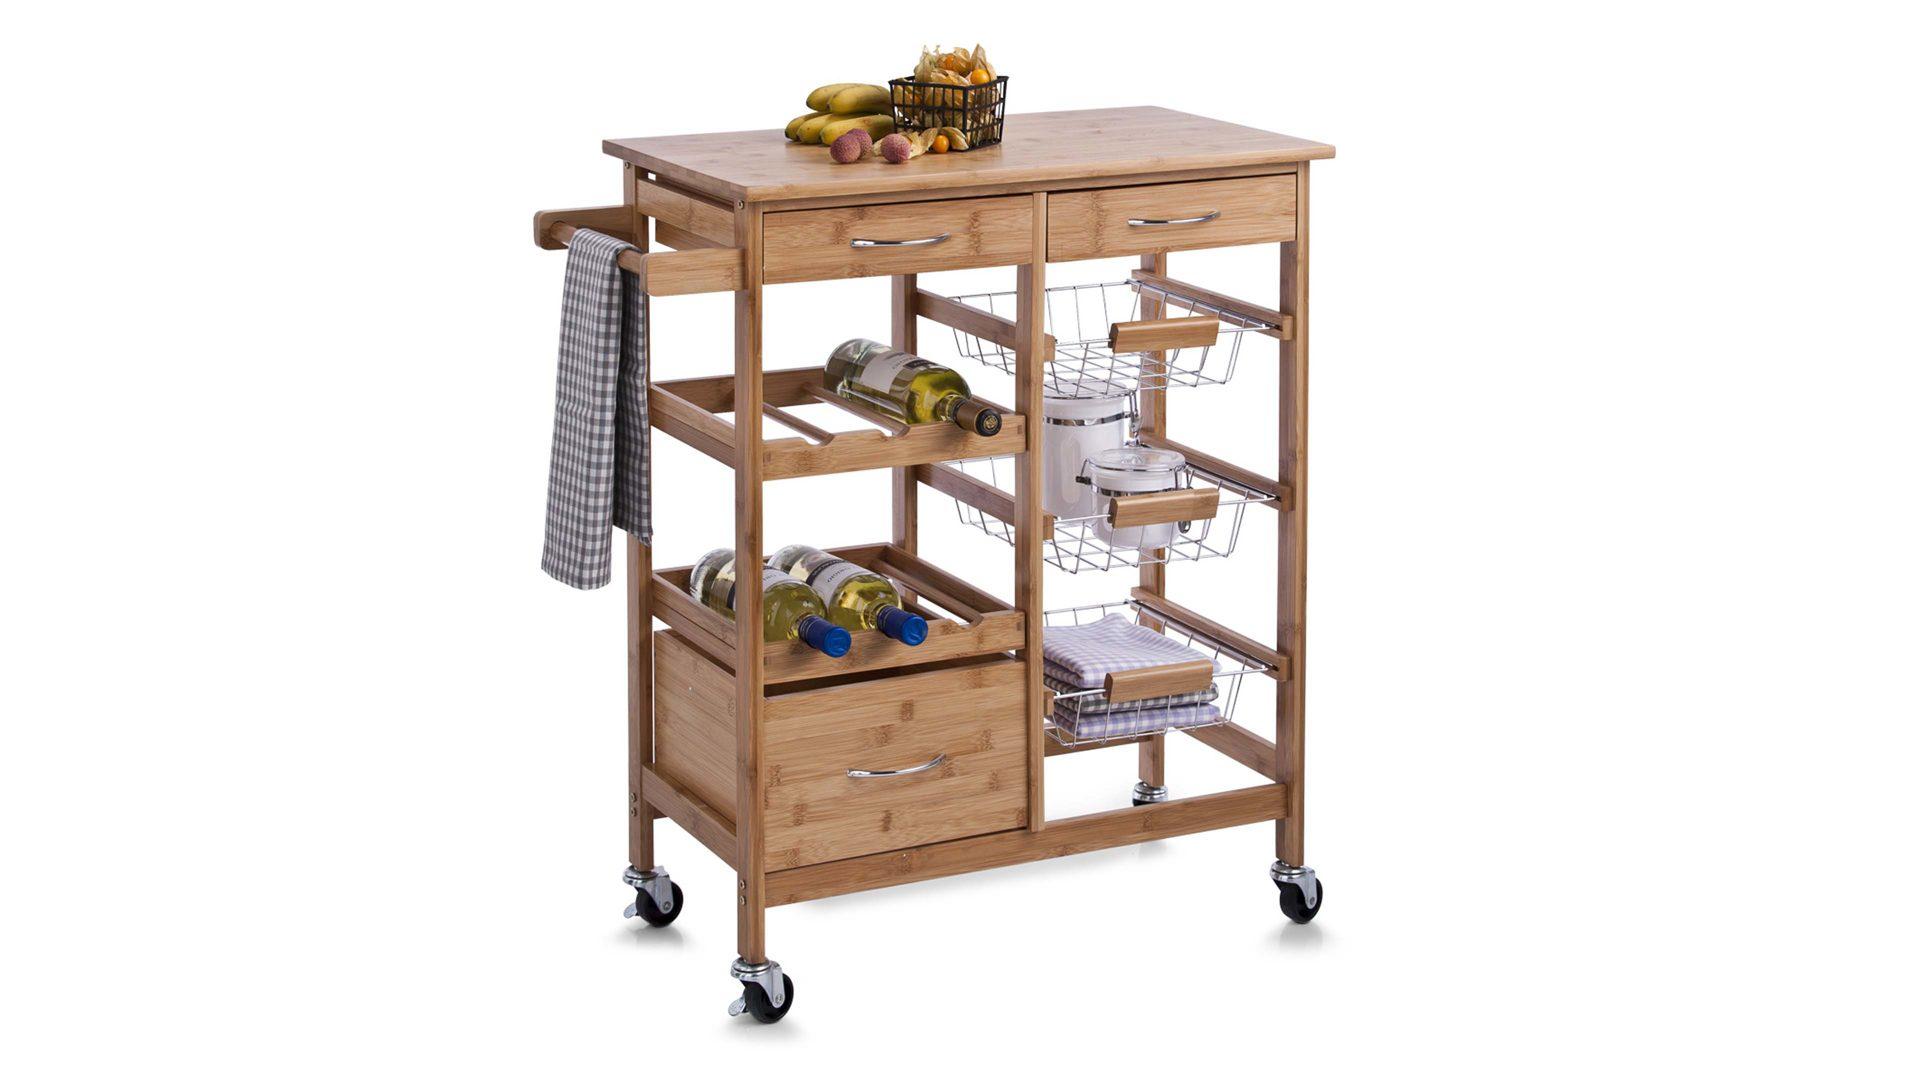 Möbel Böck, Räume, Küche, Küchenrollwagen, Küchenbar ...